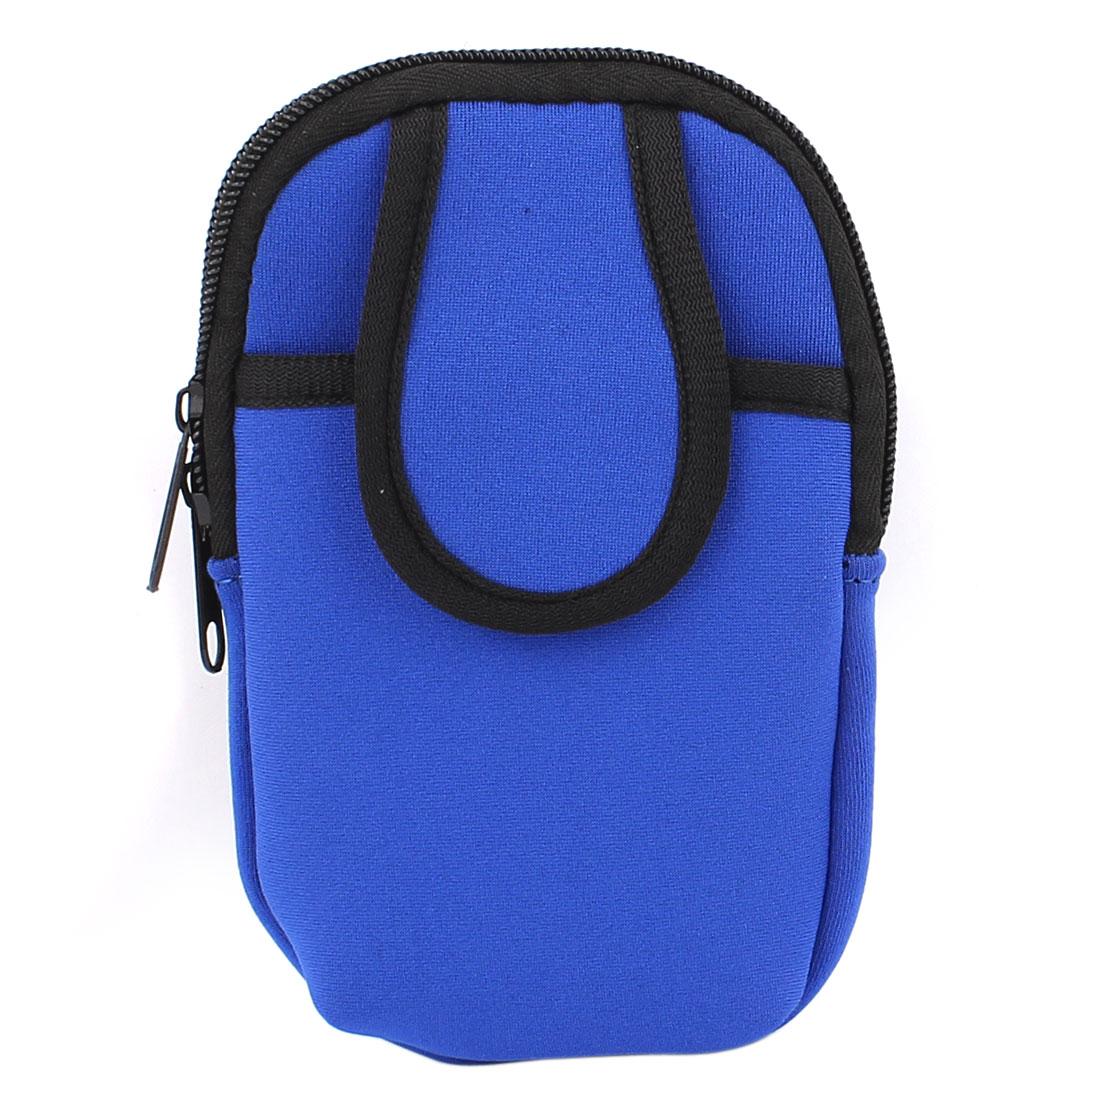 Outdoor Sport Zipper Closure Wrist Pouch Cellphone Bag Arm Package Holder Blue